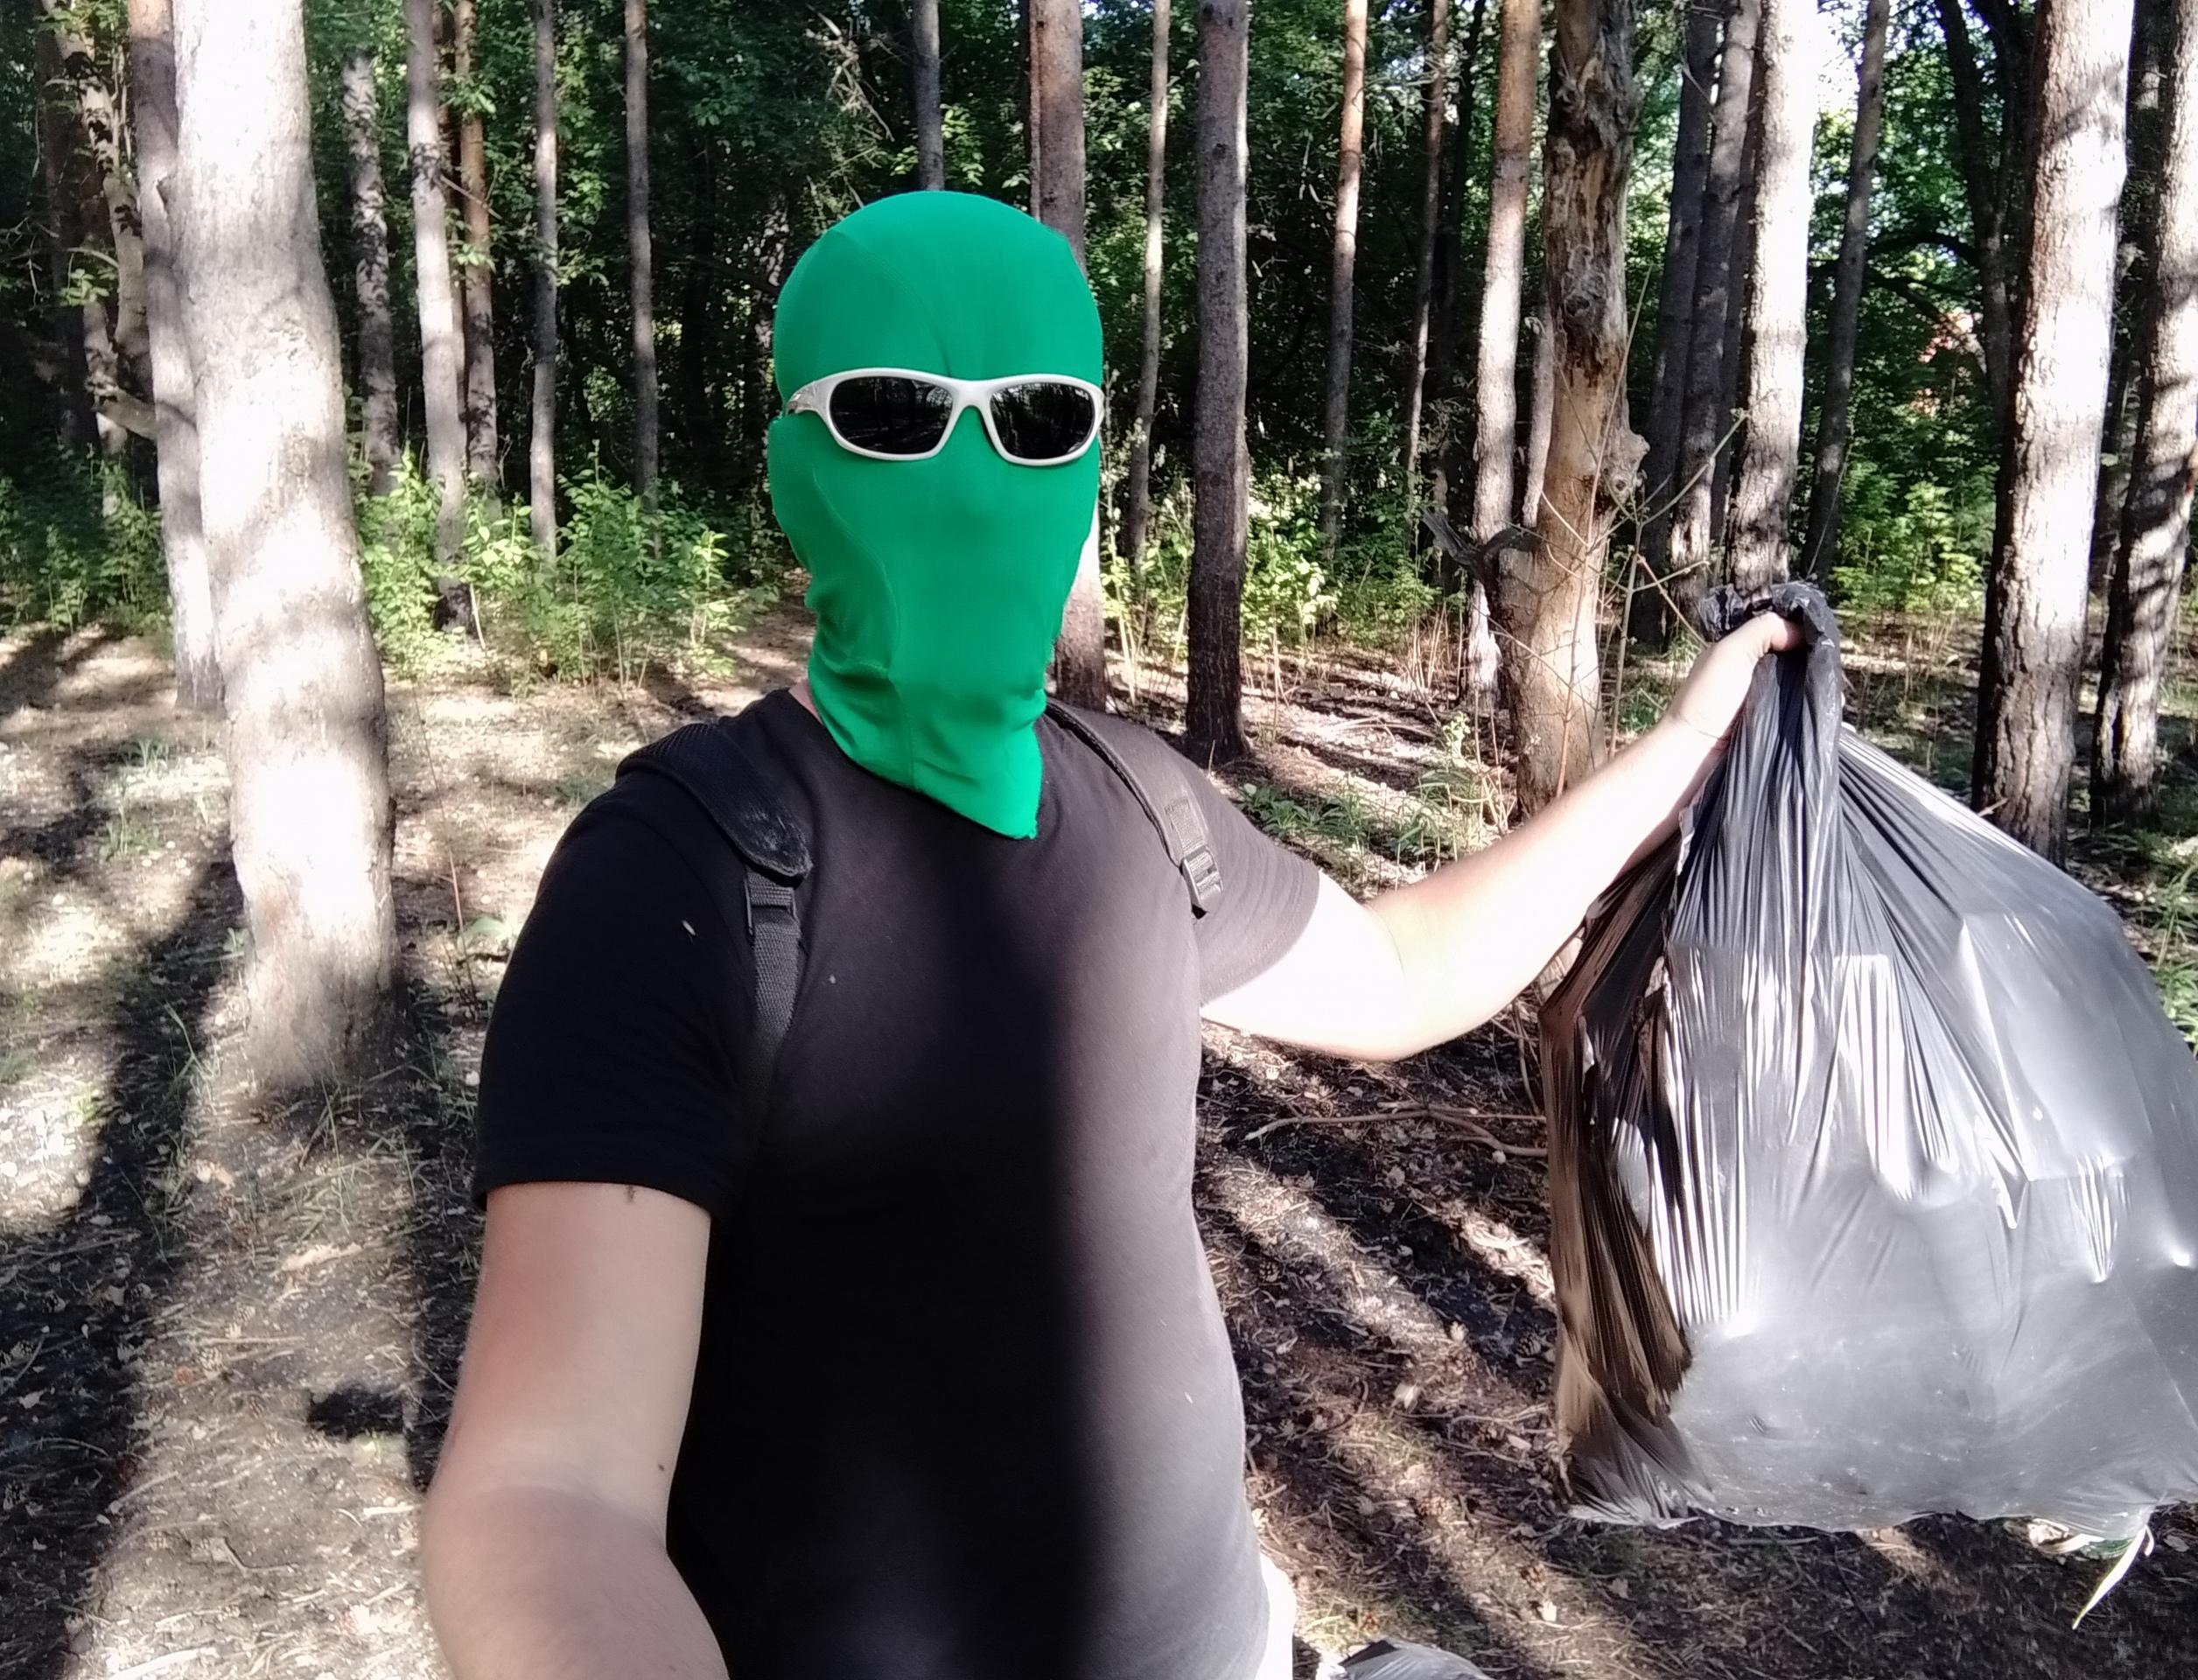 Во всероссийской акции по уборке мусора участвуют супергерои